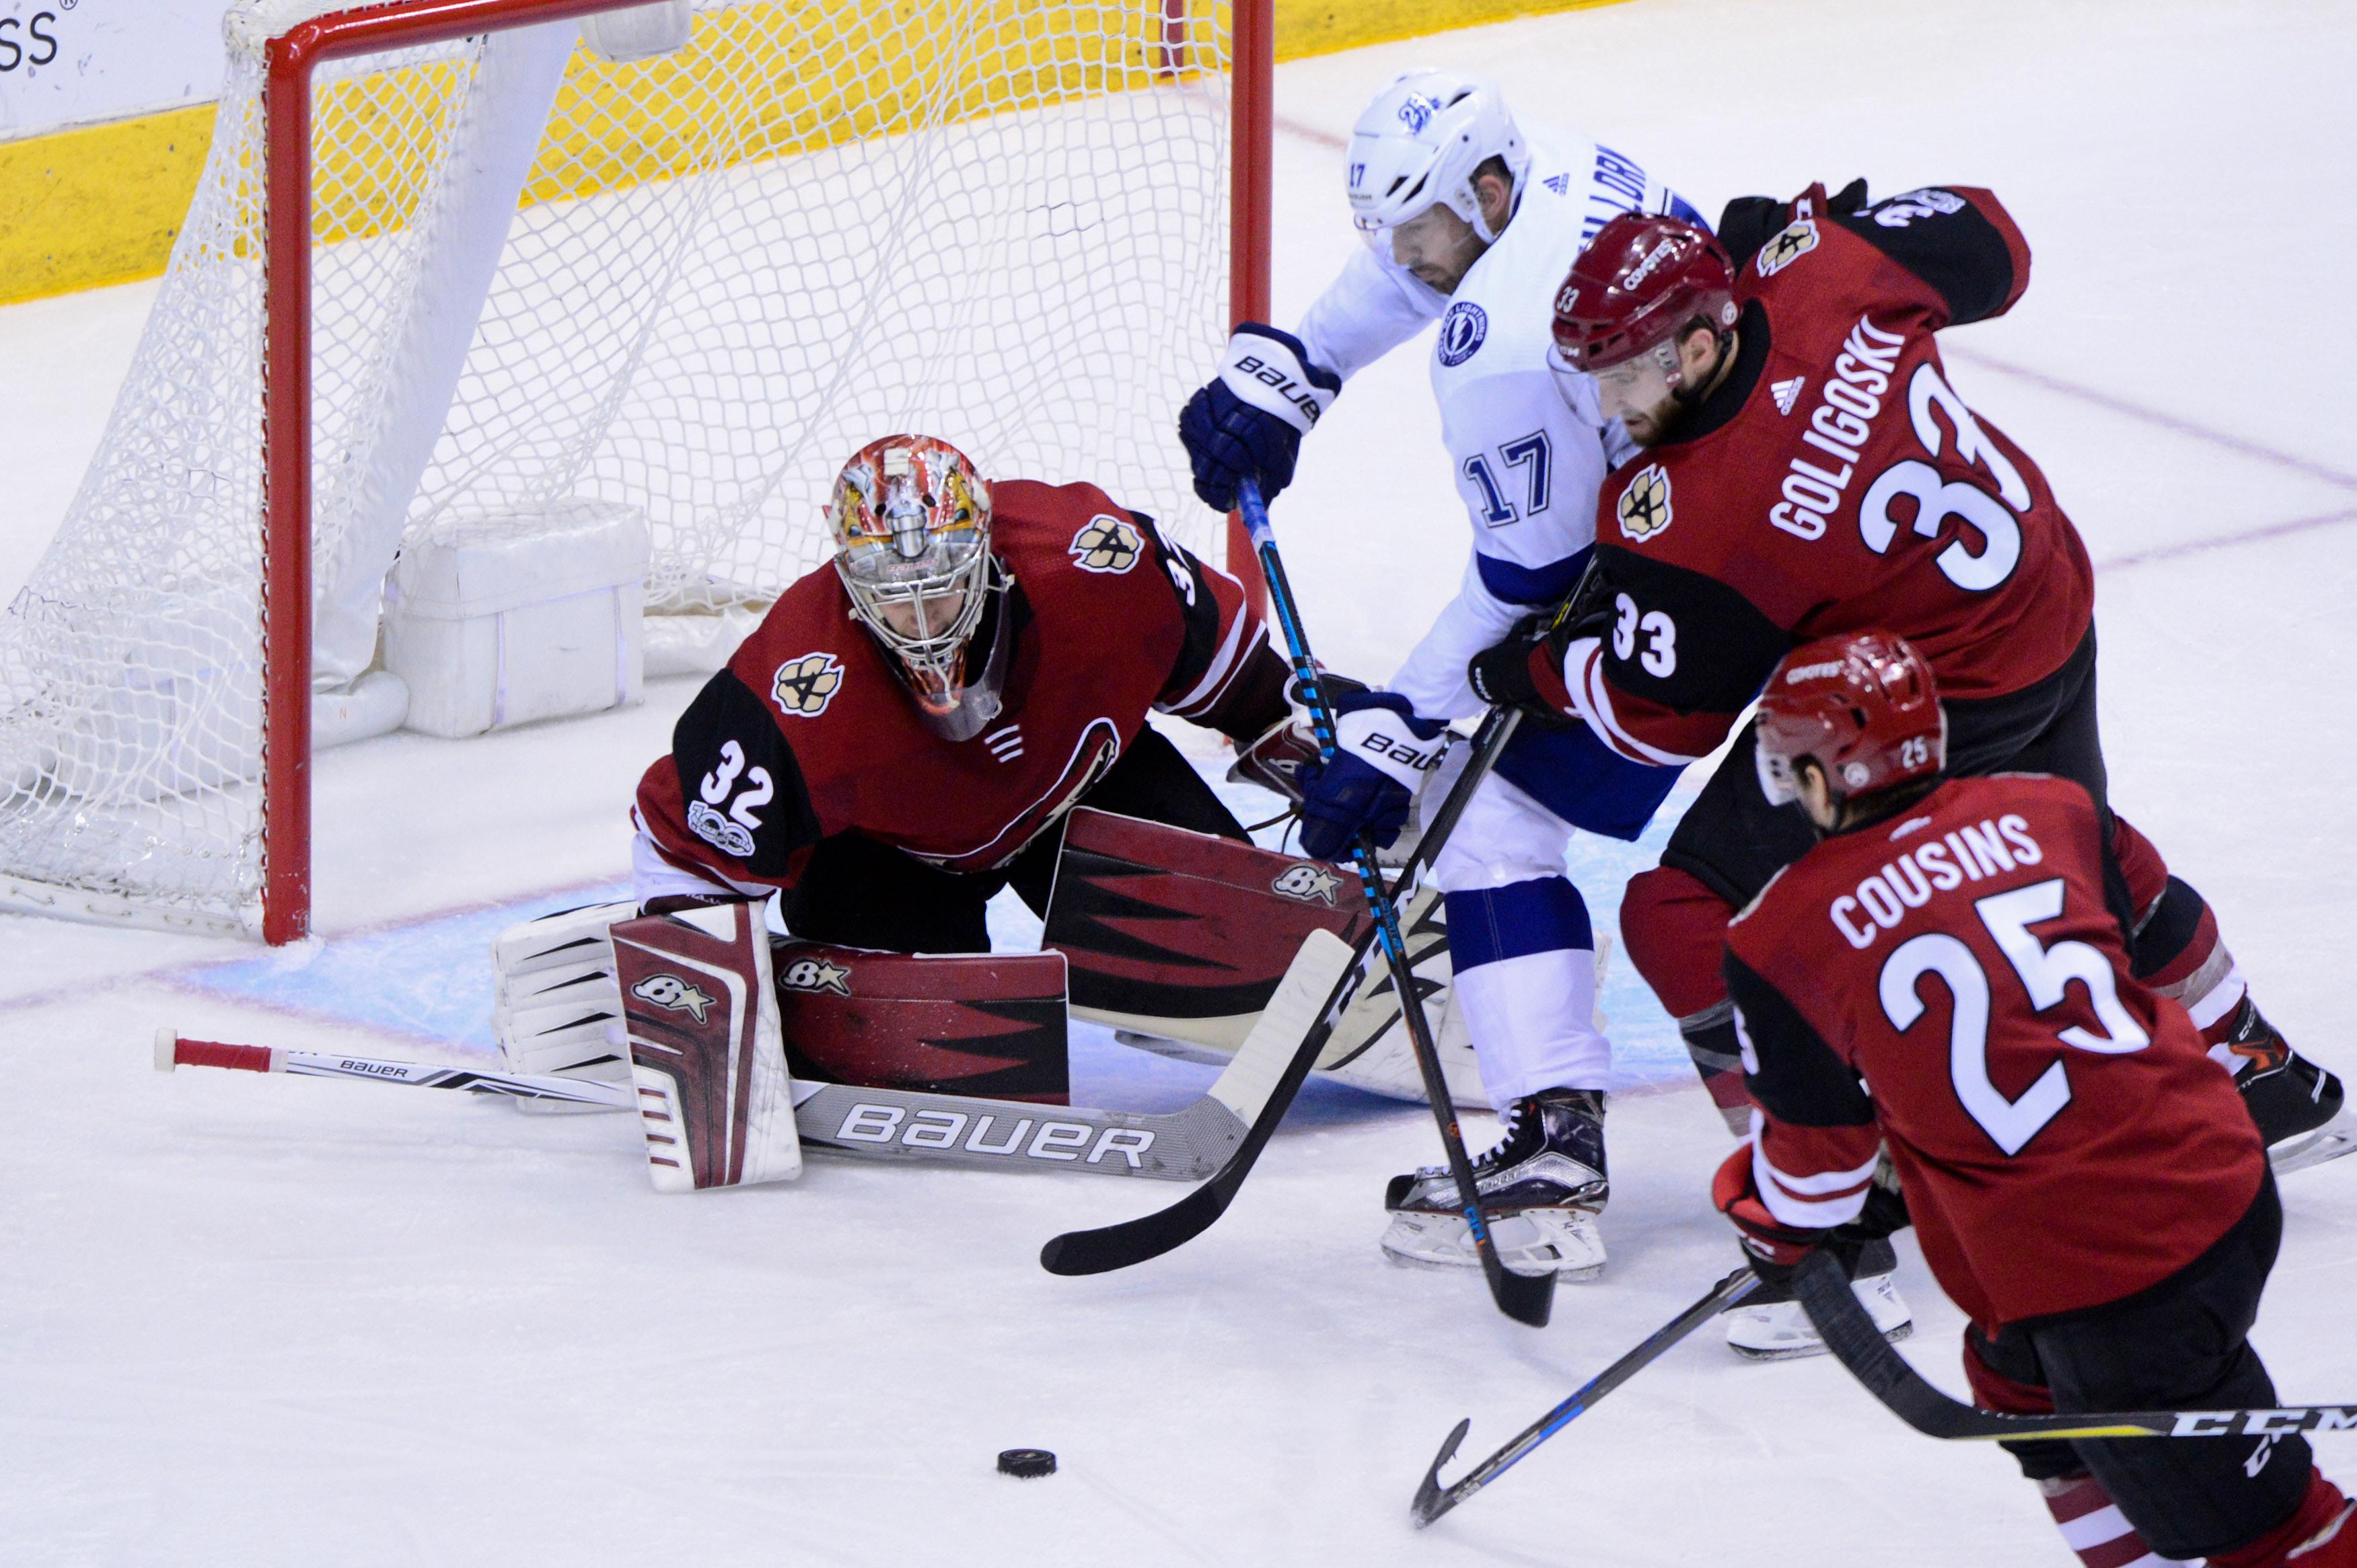 NHL: Tampa Bay Lightning at Arizona Coyotes